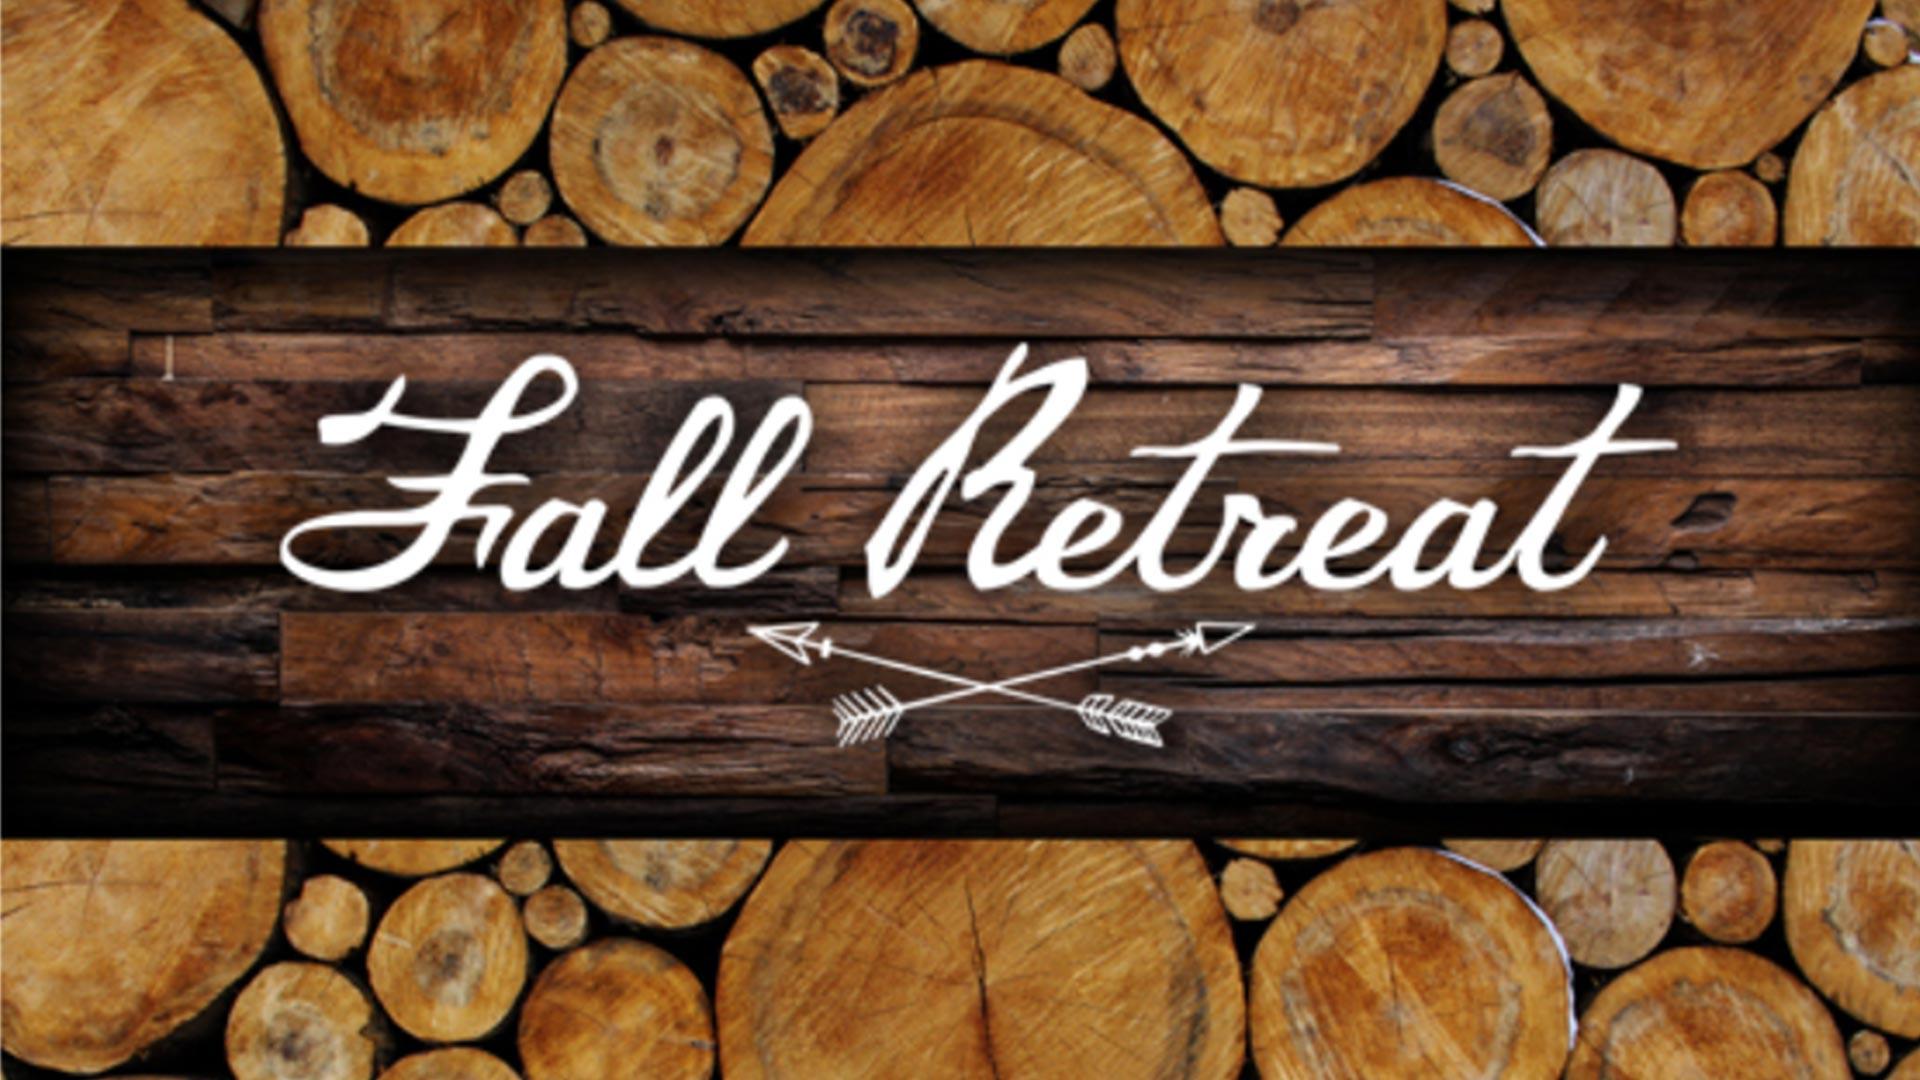 Fall retreat 1920x1080